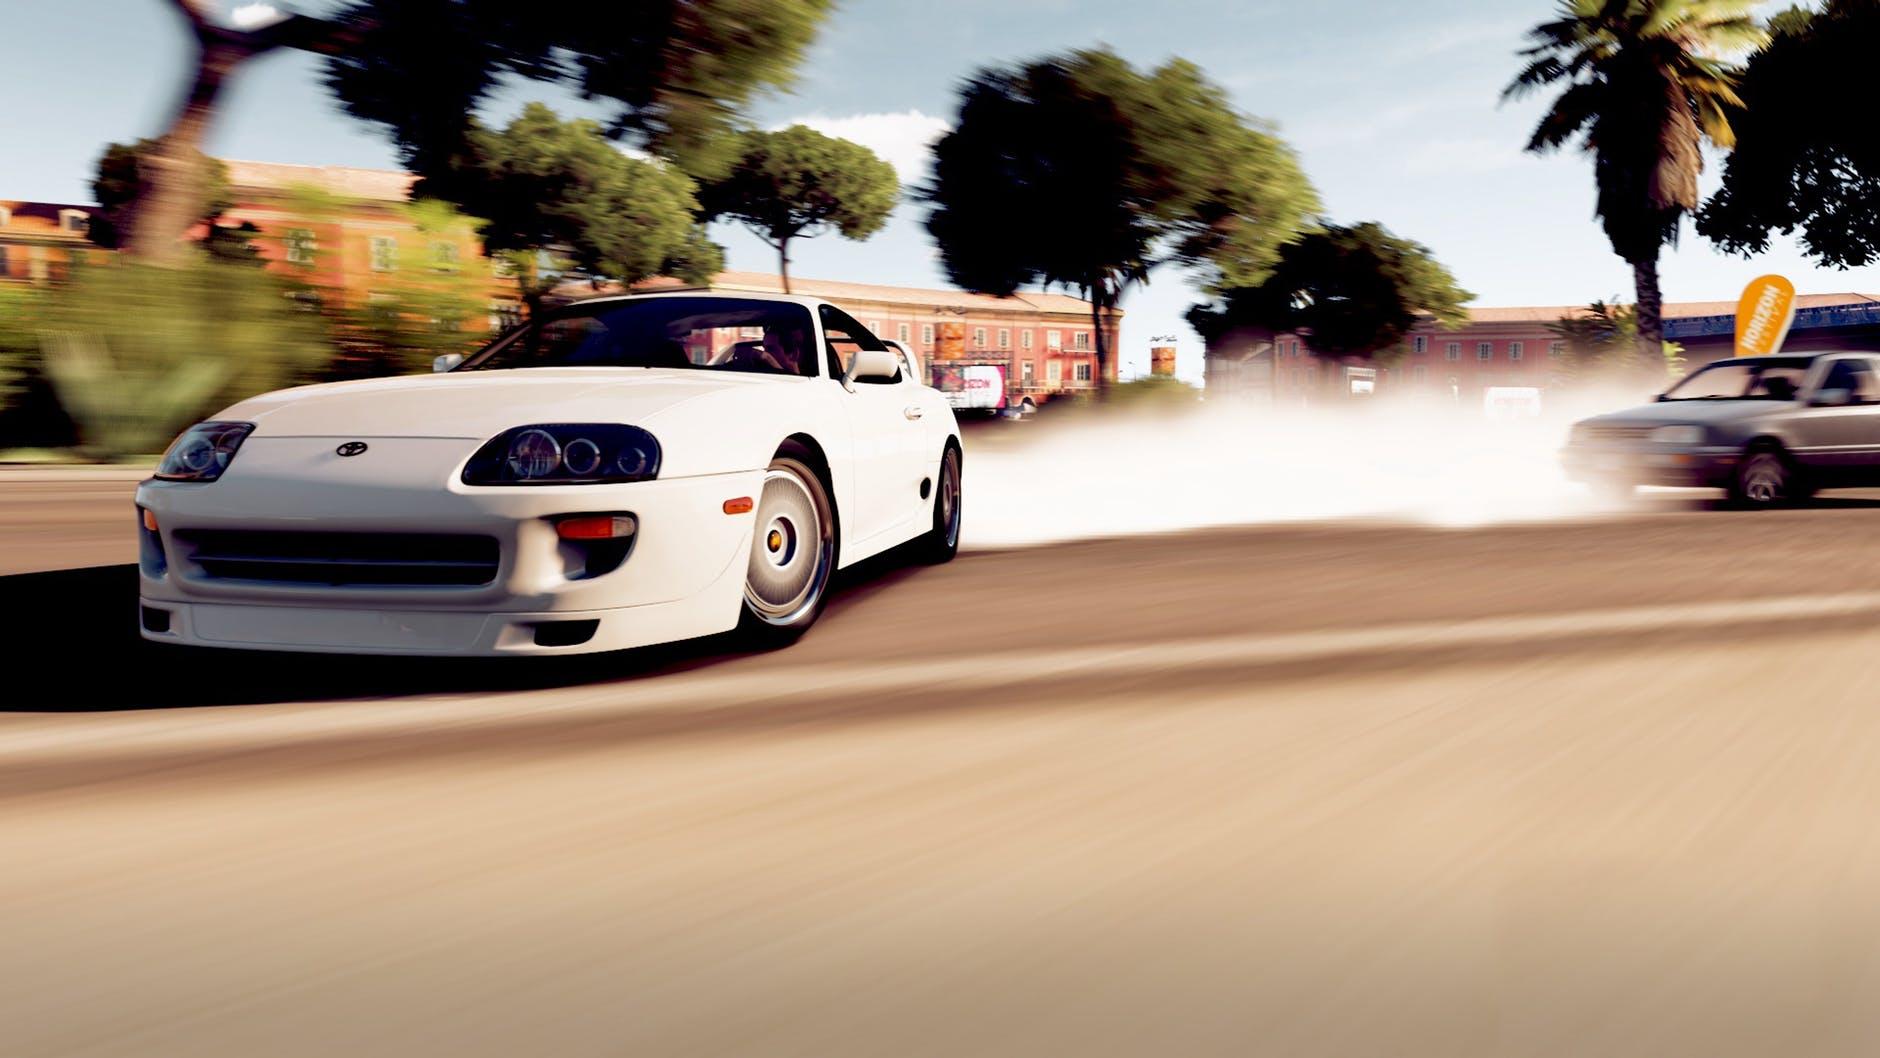 action asphalt auto racing automobile